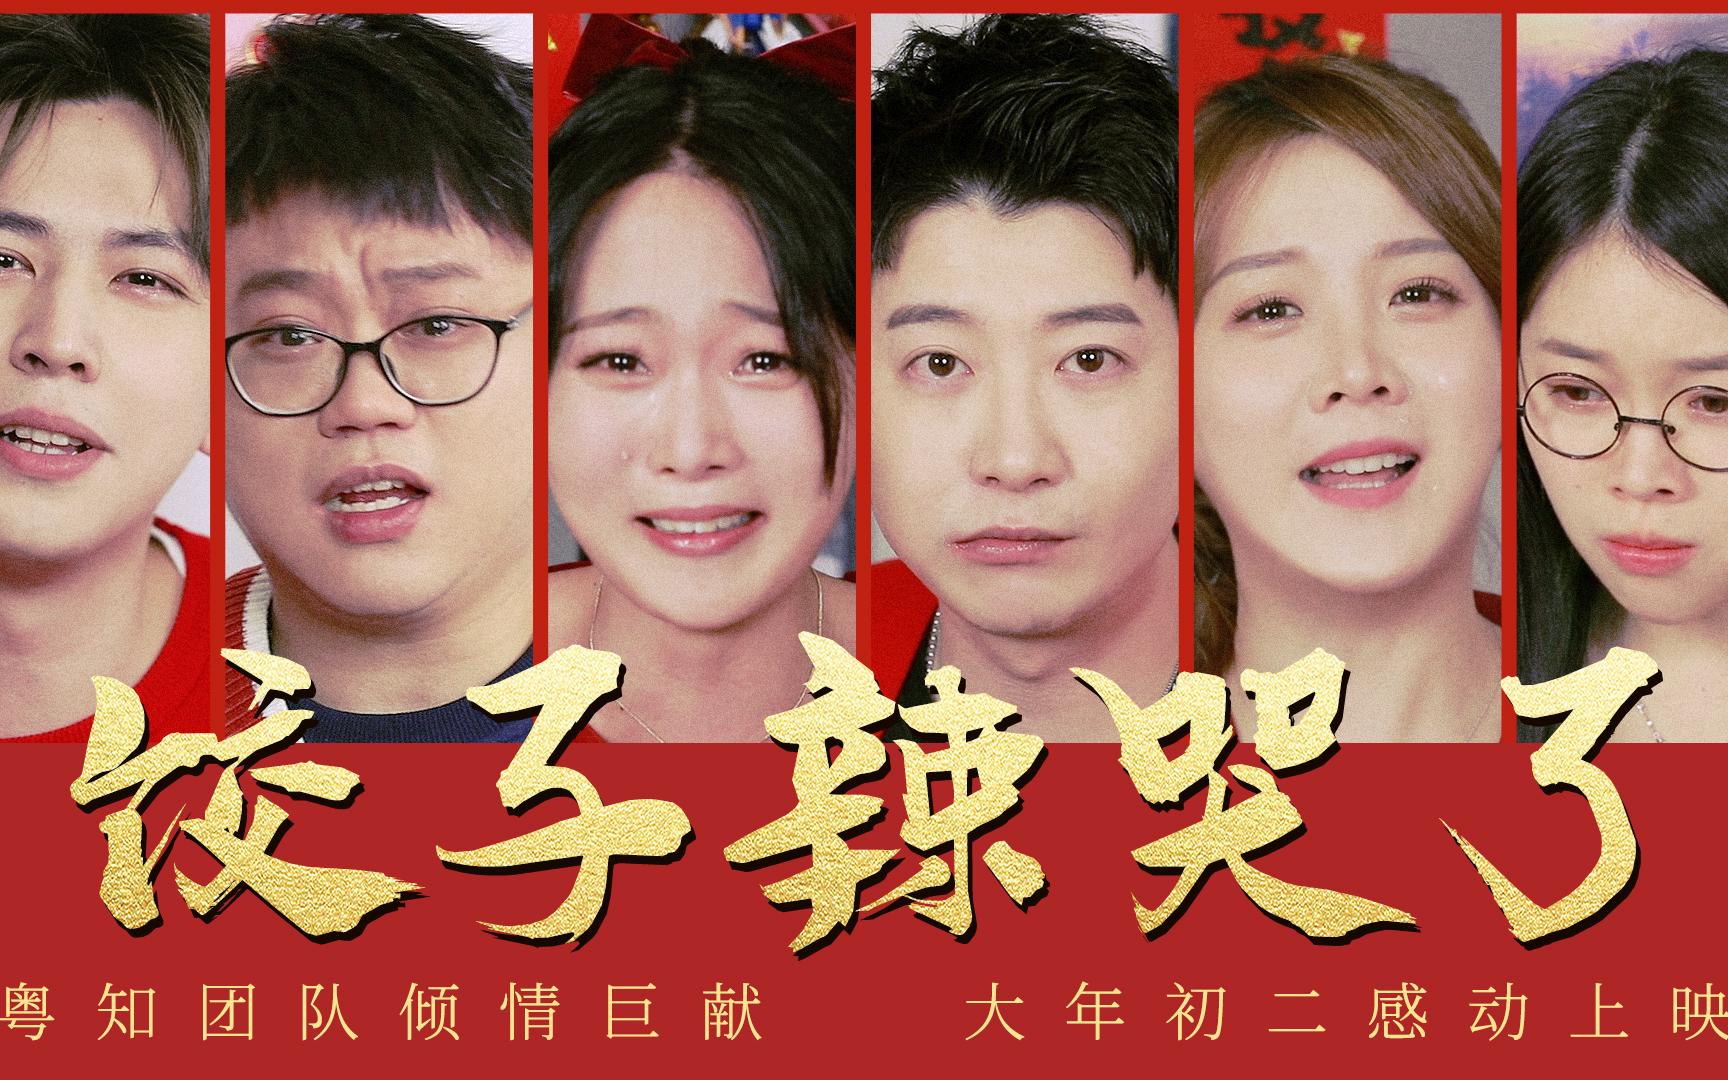 【粤知一二】过年不吃饺子的广东人,还是被饺子感动哭了